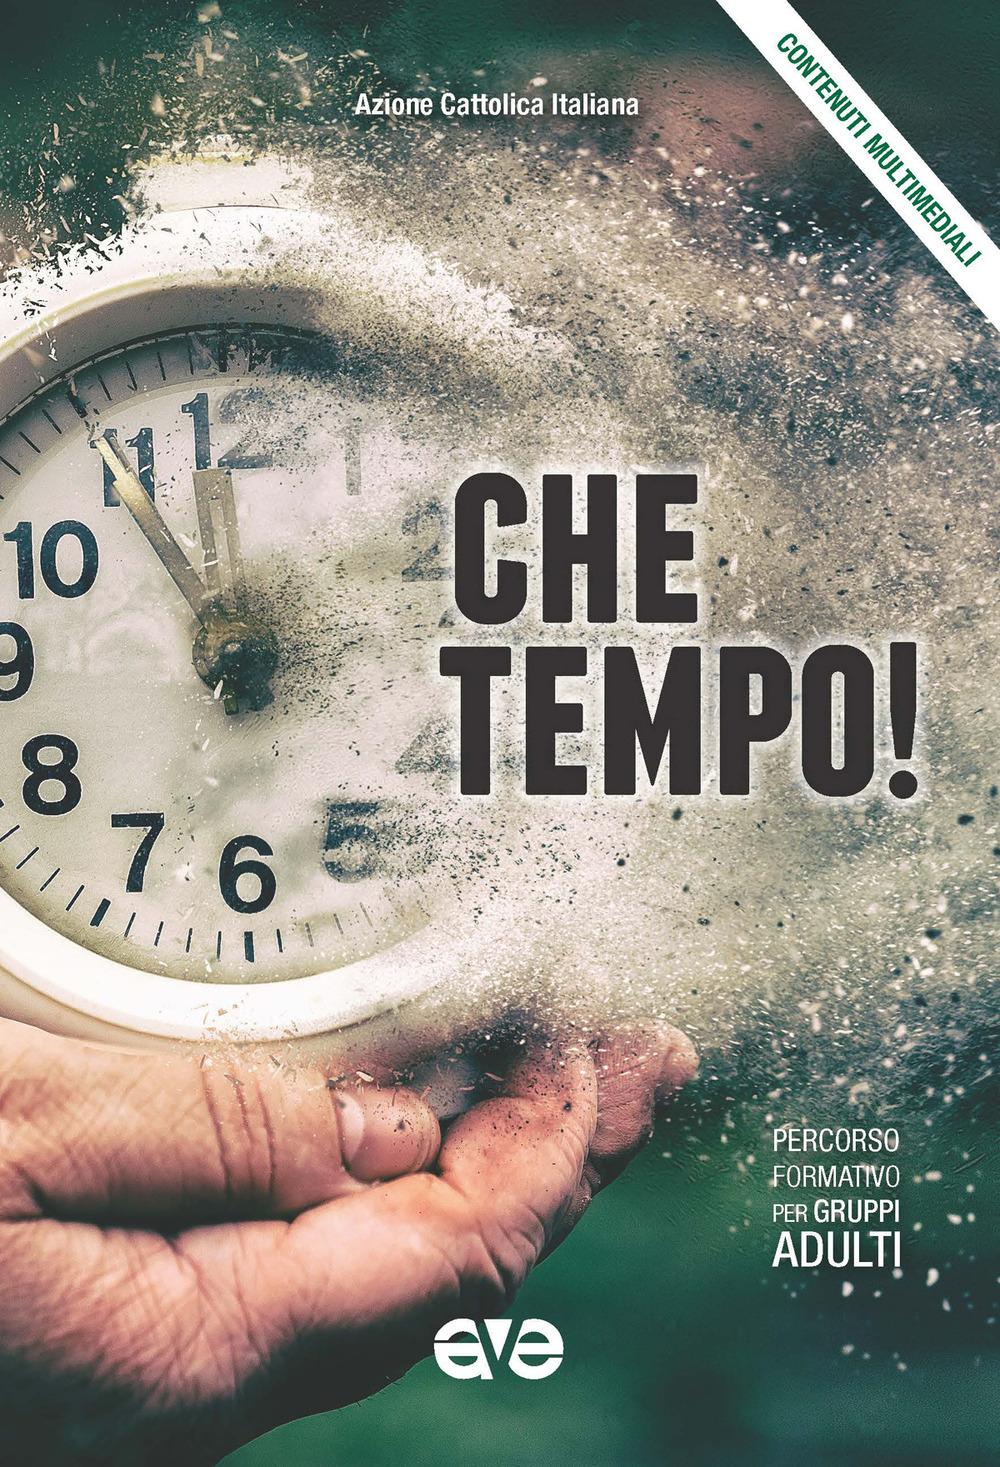 CHE TEMPO! PERCORSO FORMATIVO PER GRUPPI ADULTI 2019-2020 - Azione Cattolica Italiana (cur.) - 9788832711387